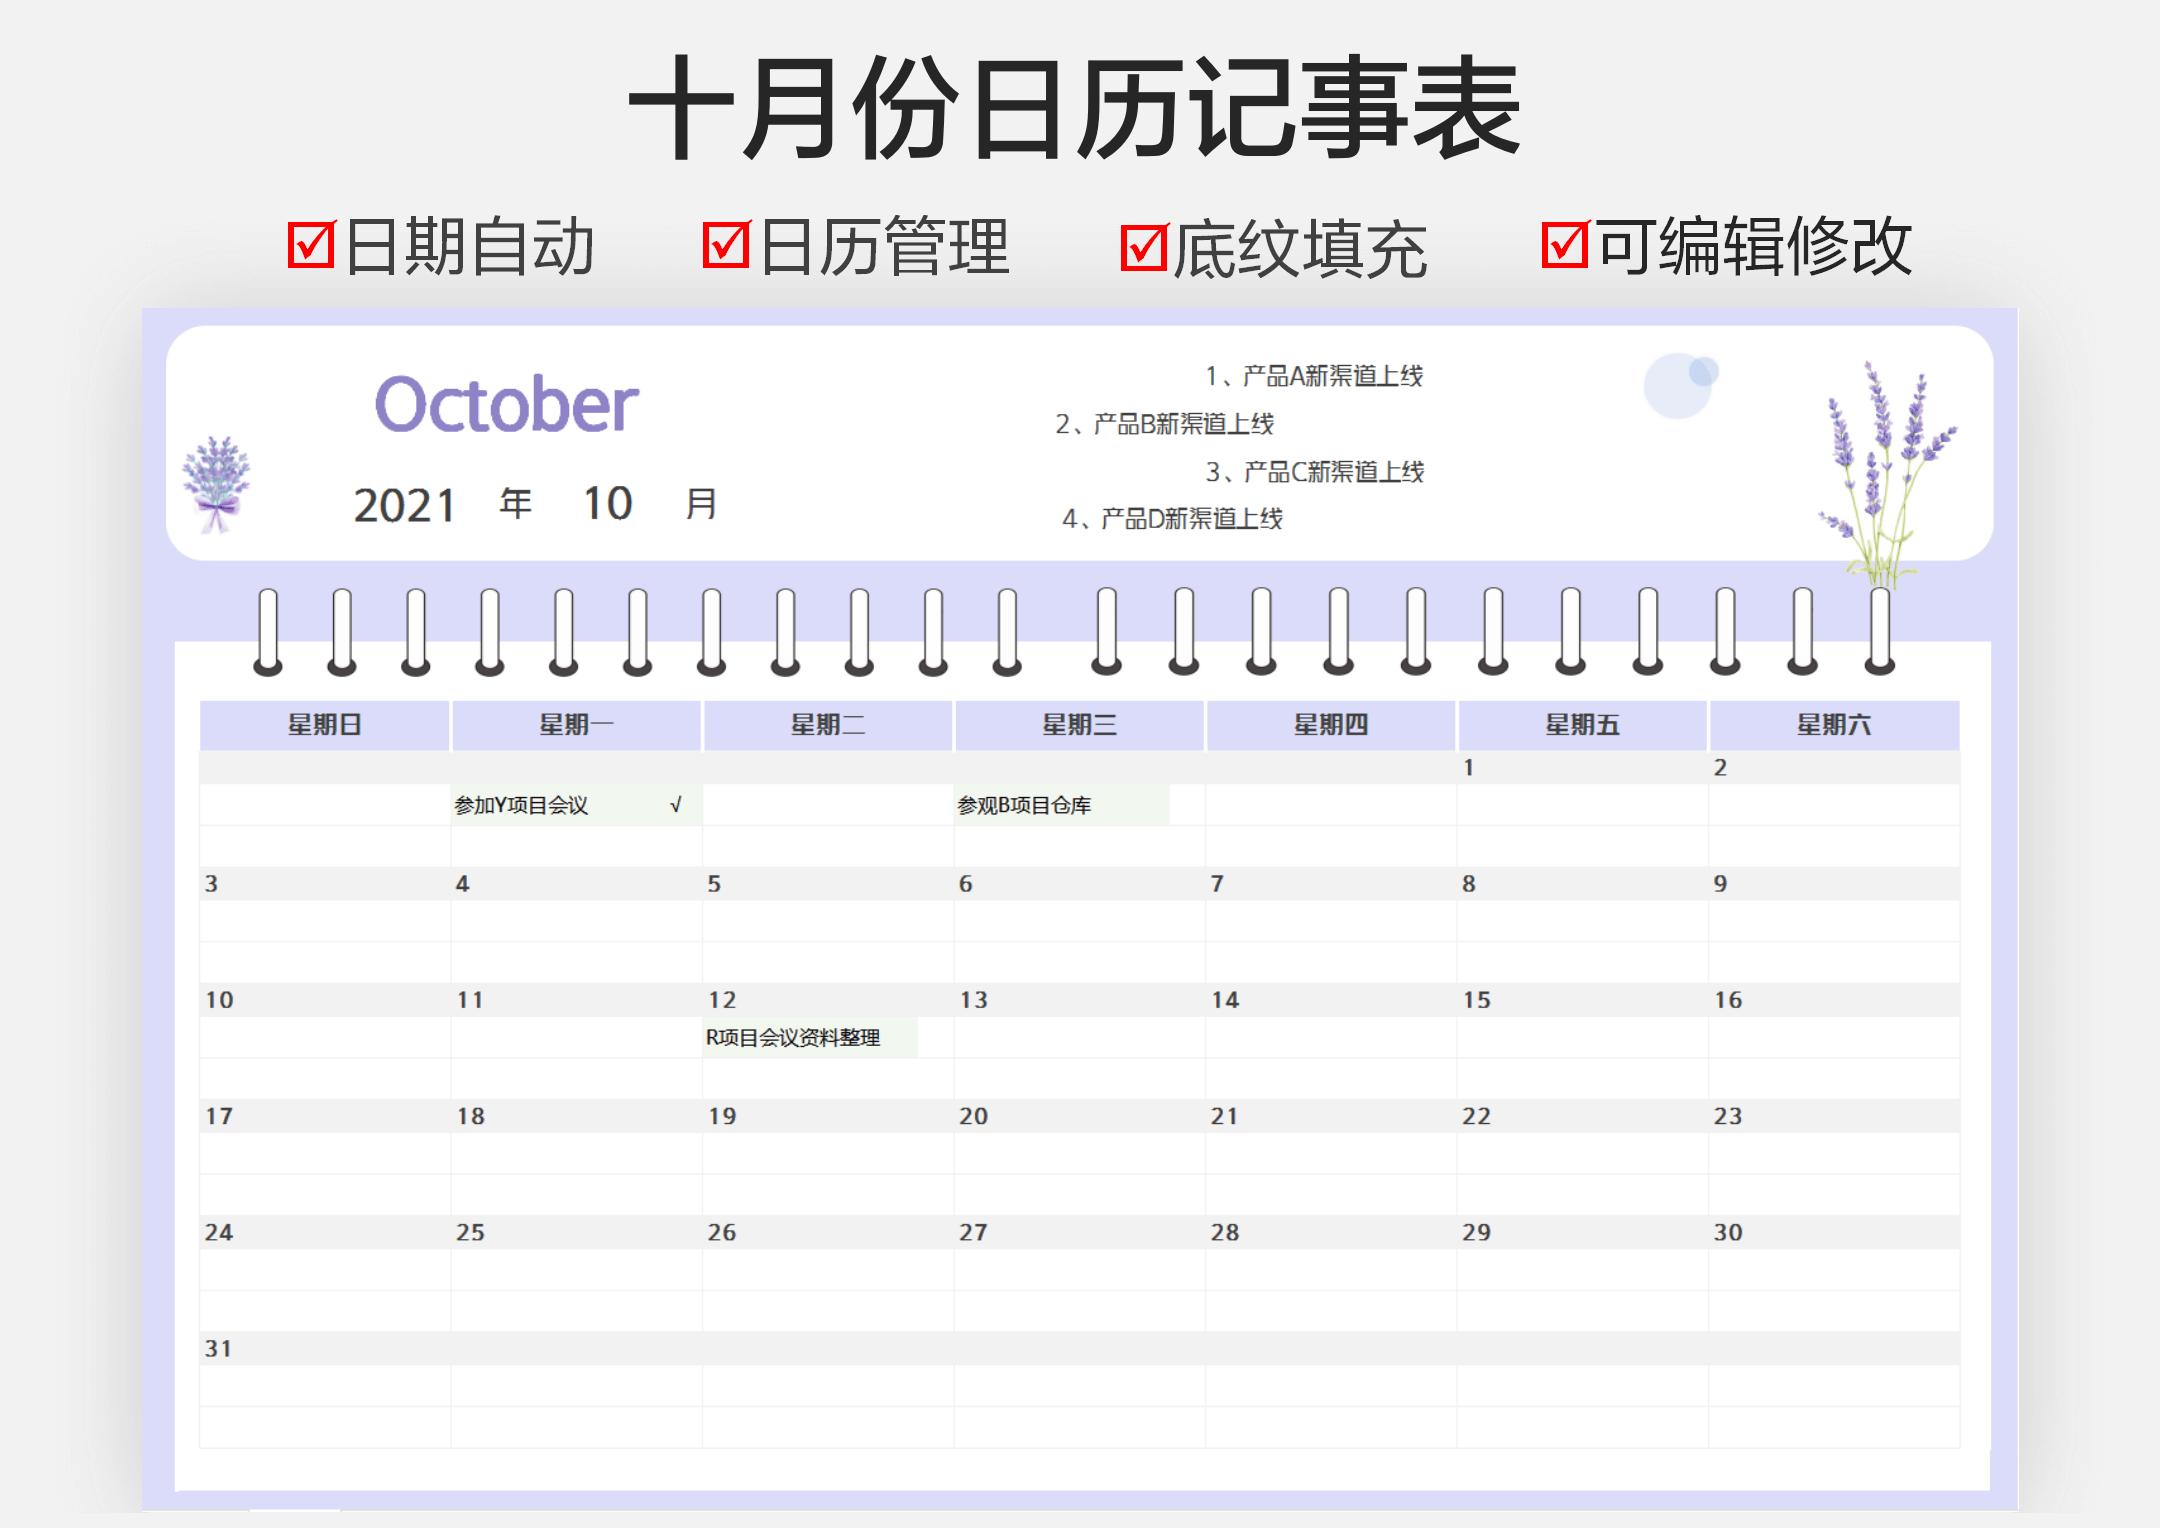 十月份日历行事工作计划表表.xlsx